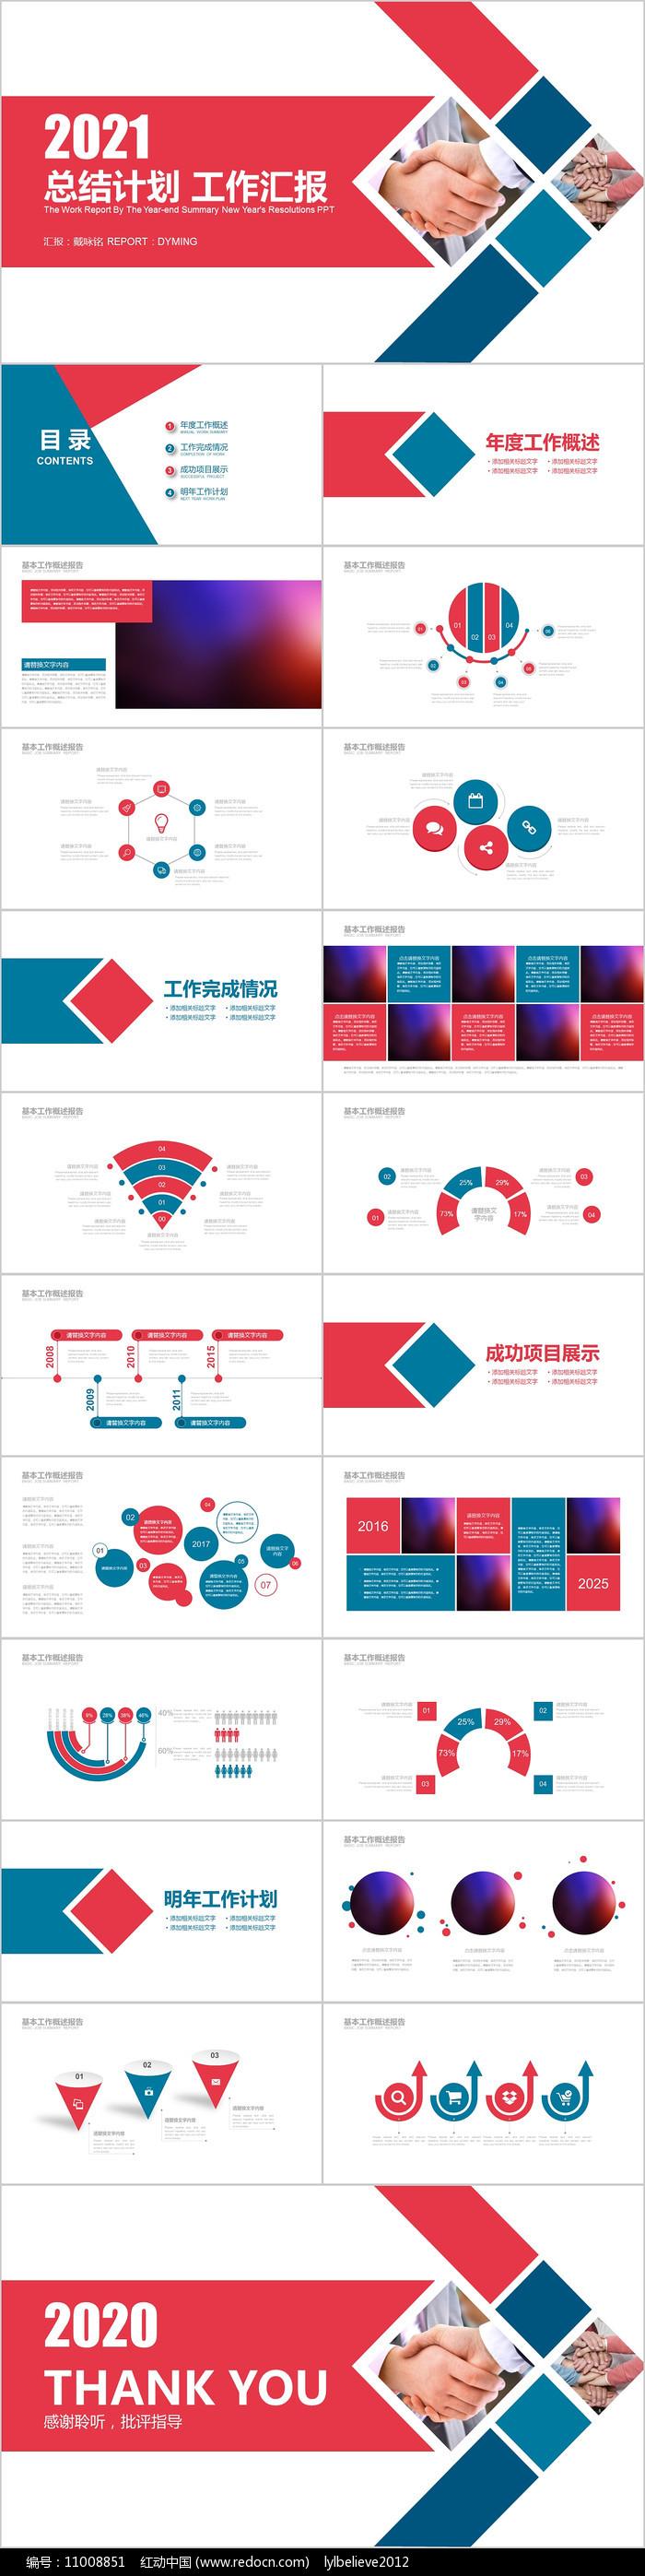 红蓝商务公司企业工作总结计划汇报PPT